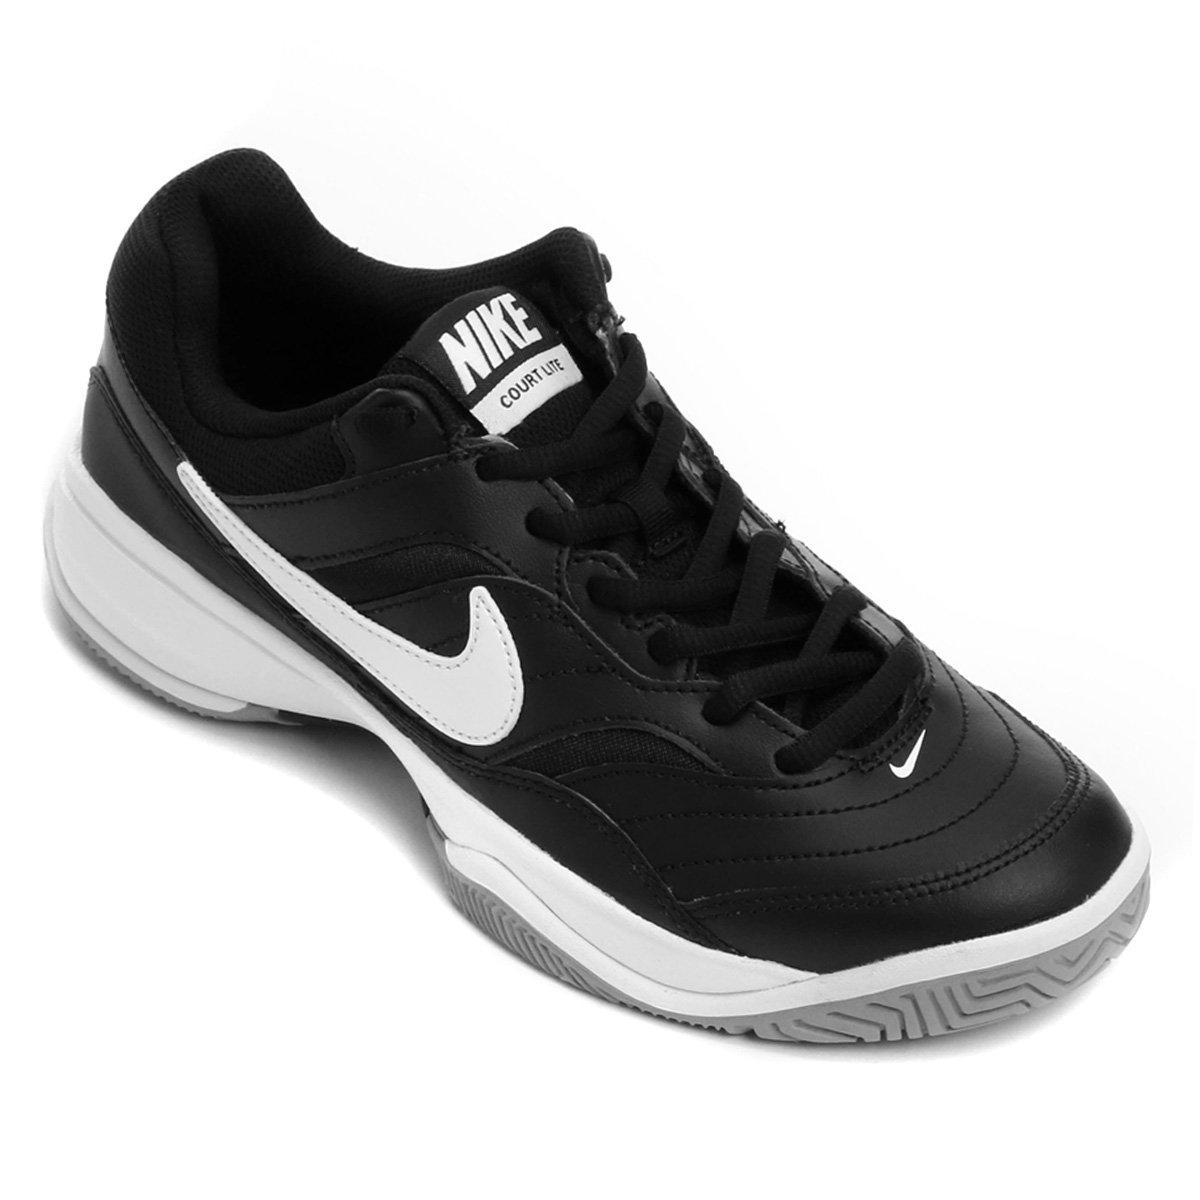 207945fa18ee6 Tênis Nike Court Lite Masculino